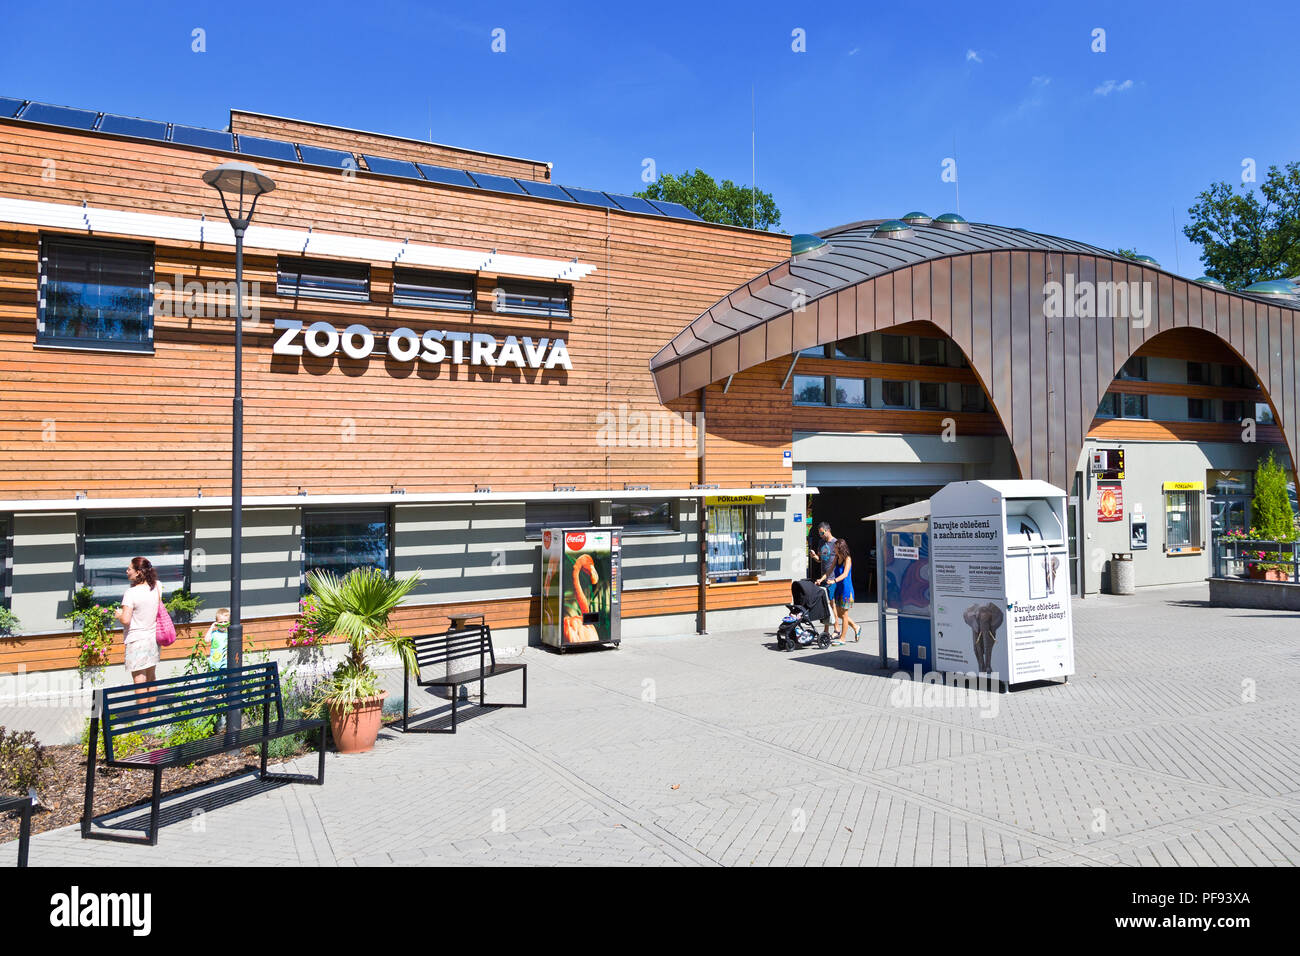 Zoo, Ostrava, Moravskoslezský kraj, Česká republika / ZOO, Ostrava city, North Moravia, Czech republic - Stock Image